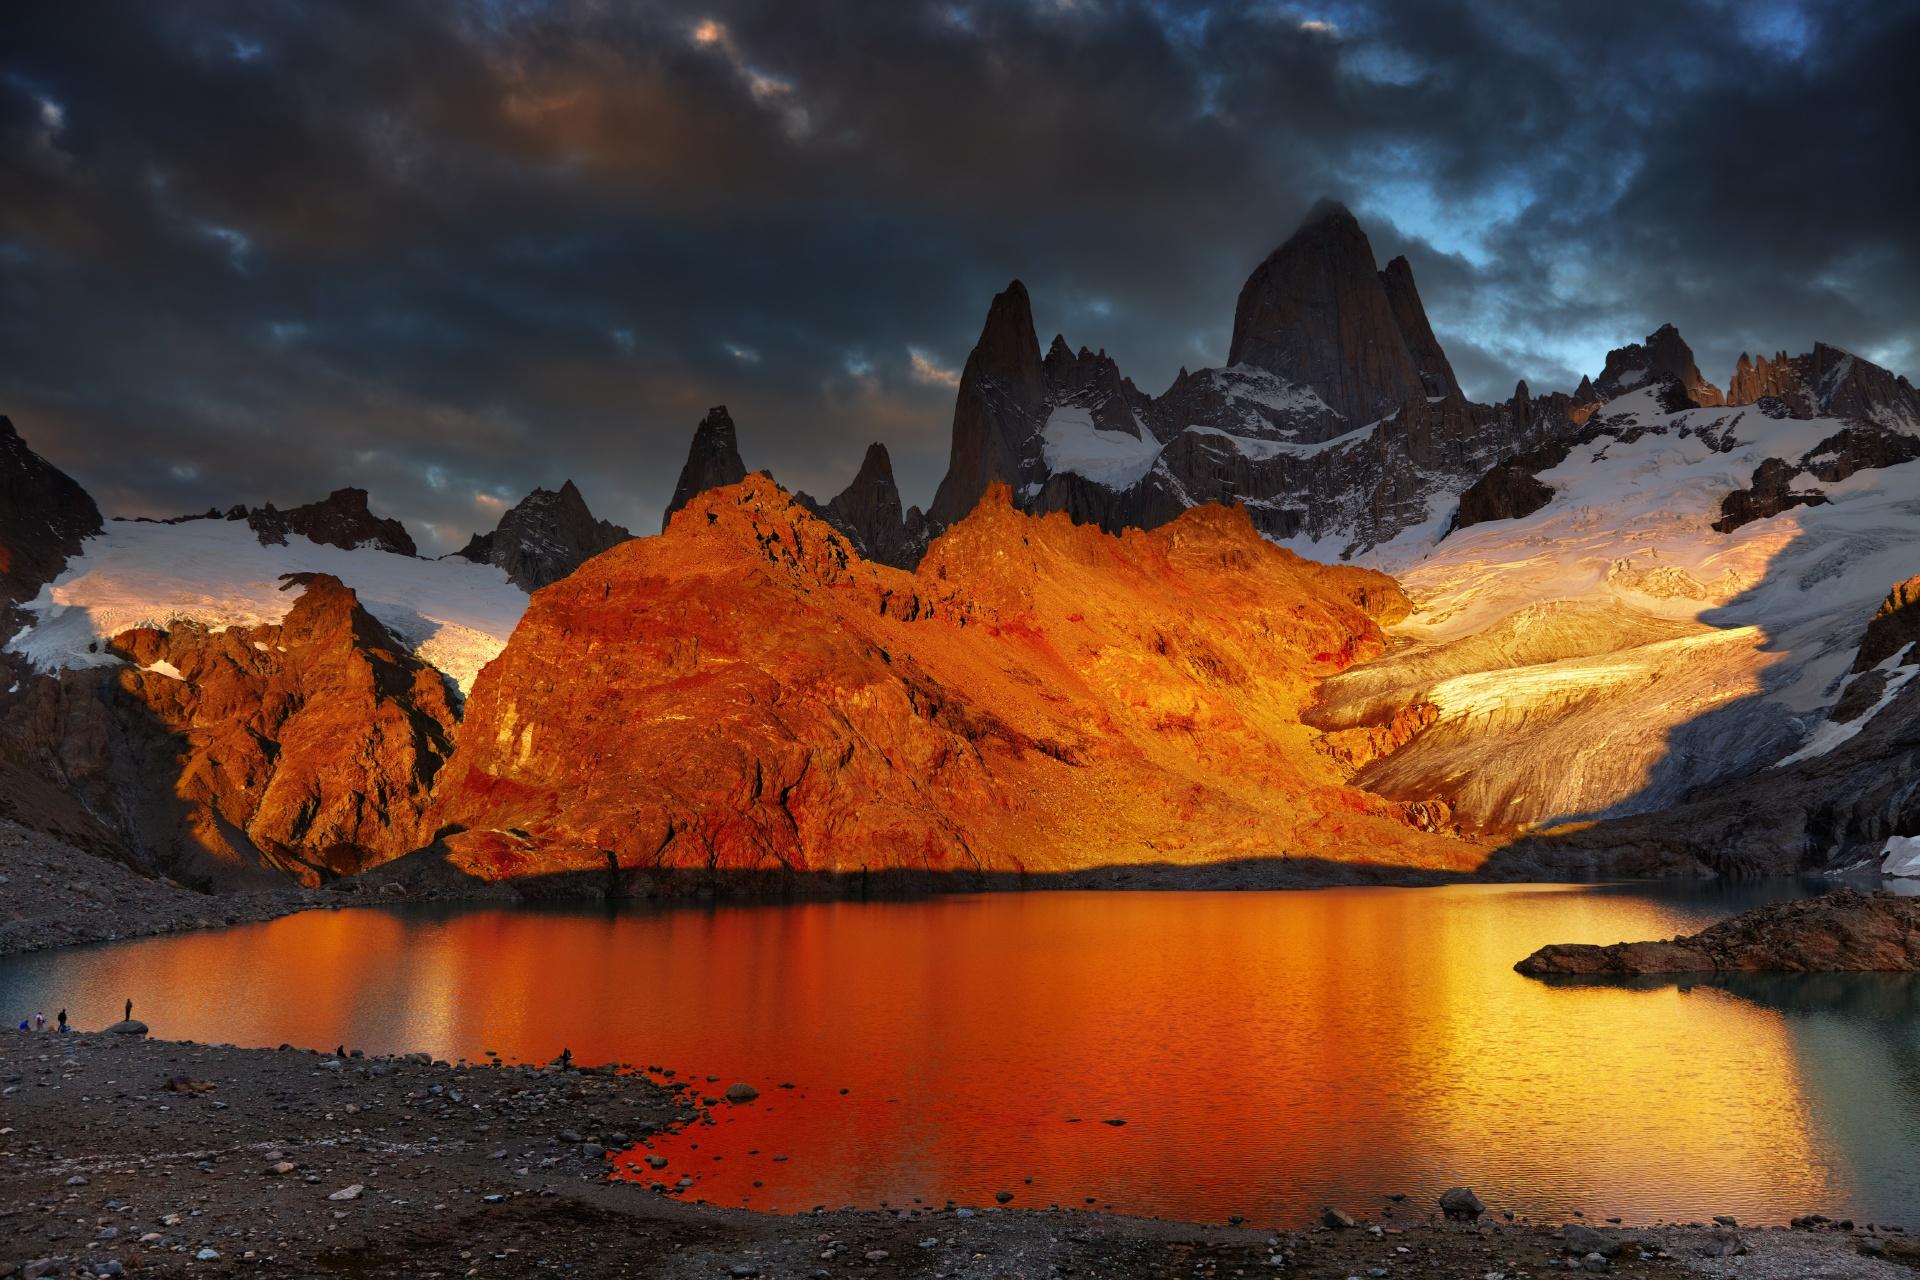 朝焼けのフィッツ・ロイ山とロス・トレス湖 パタゴニアの風景 アルゼンチンの風景